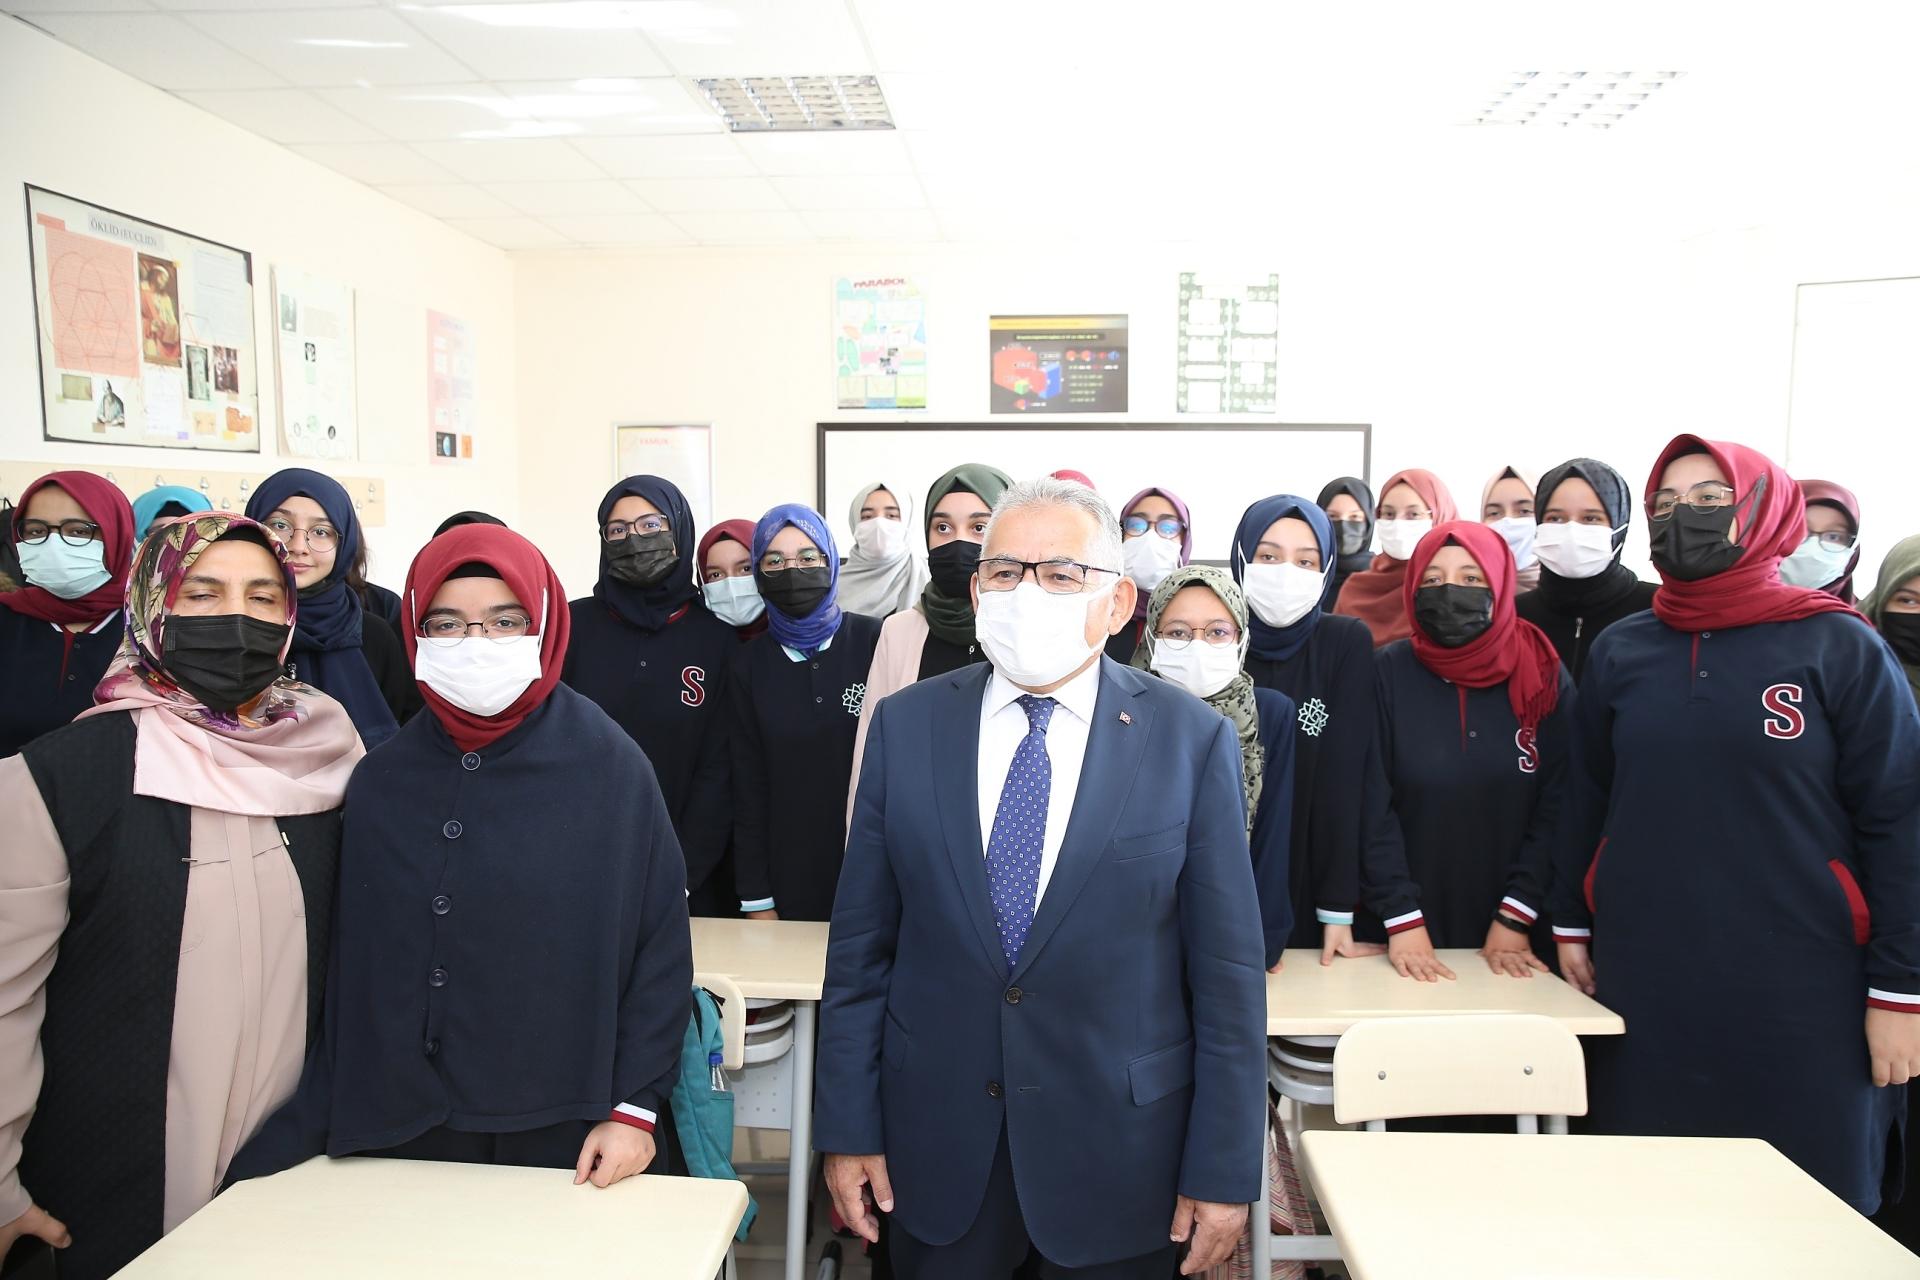 Başkan Büyükkılıç, İmam Hatipli Öğrencilerle Buluştu